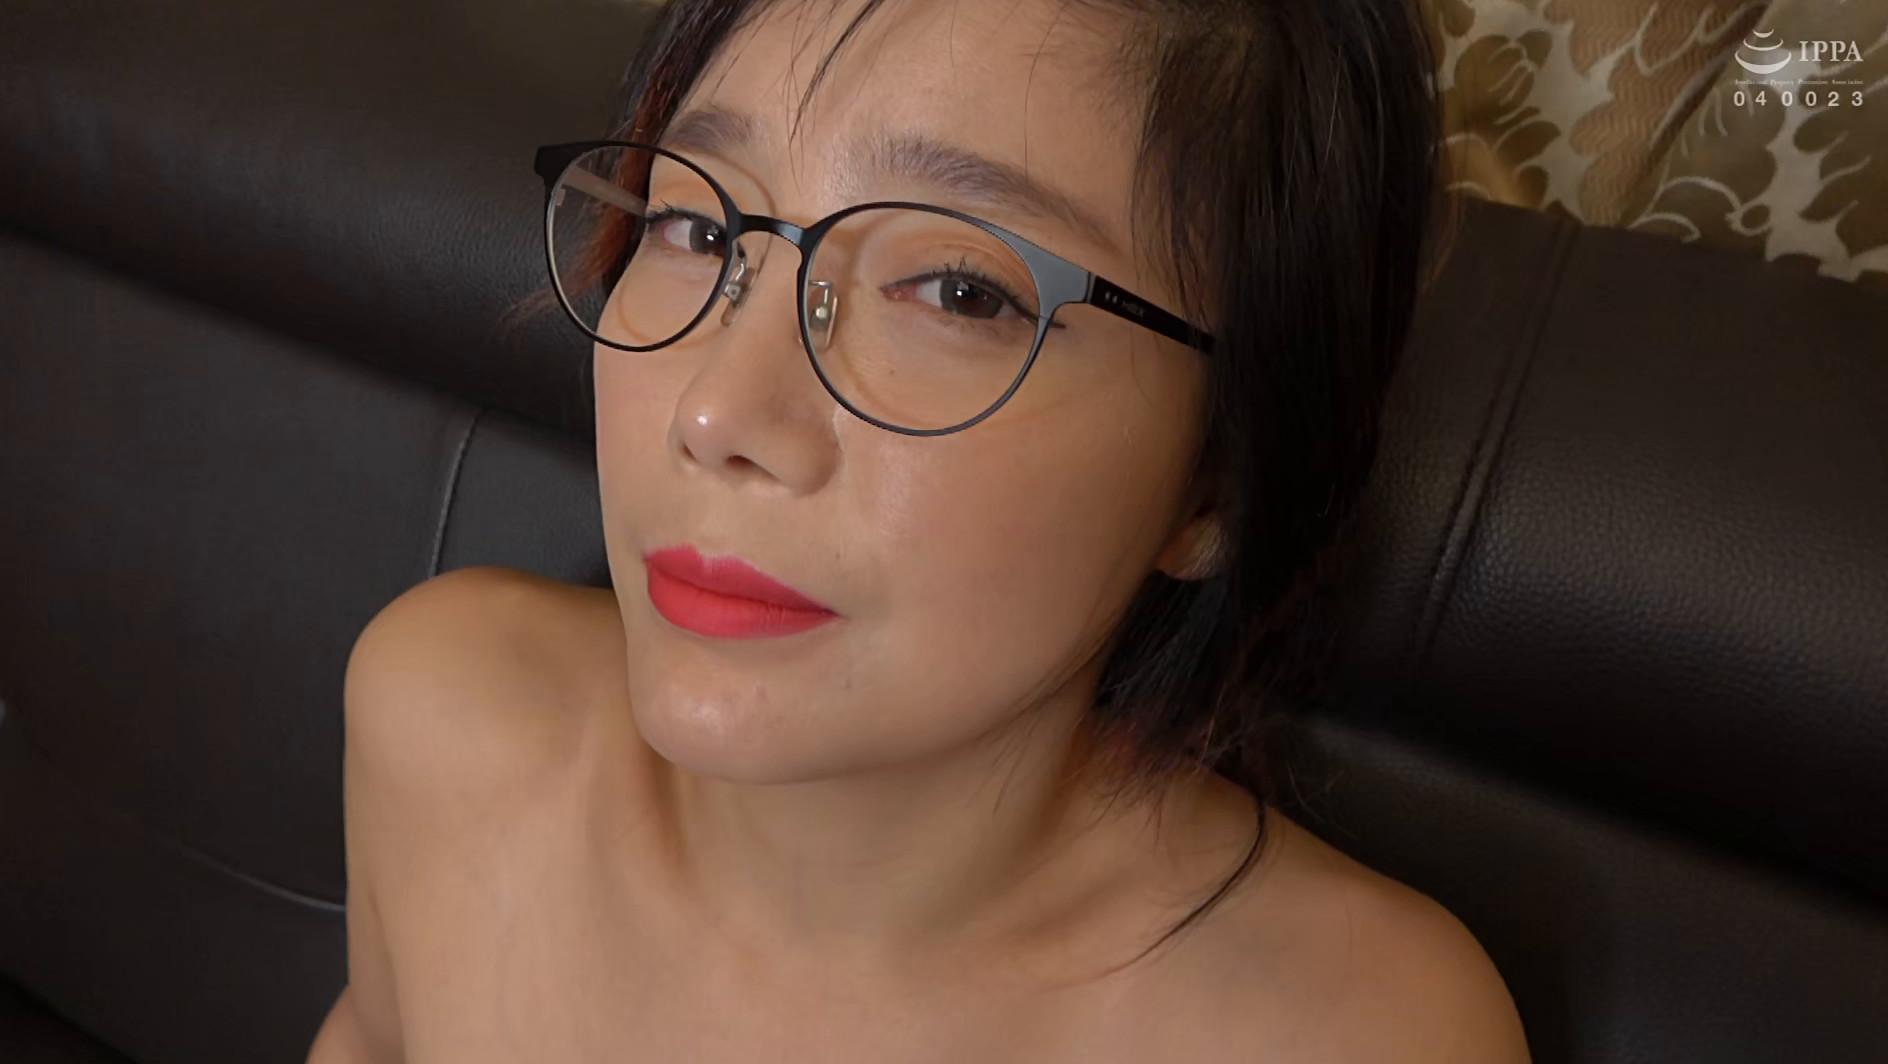 韓国で見つけた見た目から従順そうな彼女は、どこまでヤラれても無垢な希少種!服を脱がされても信じて疑わない!電マでトロンとさせればチ〇ポもしゃぶる! 画像17